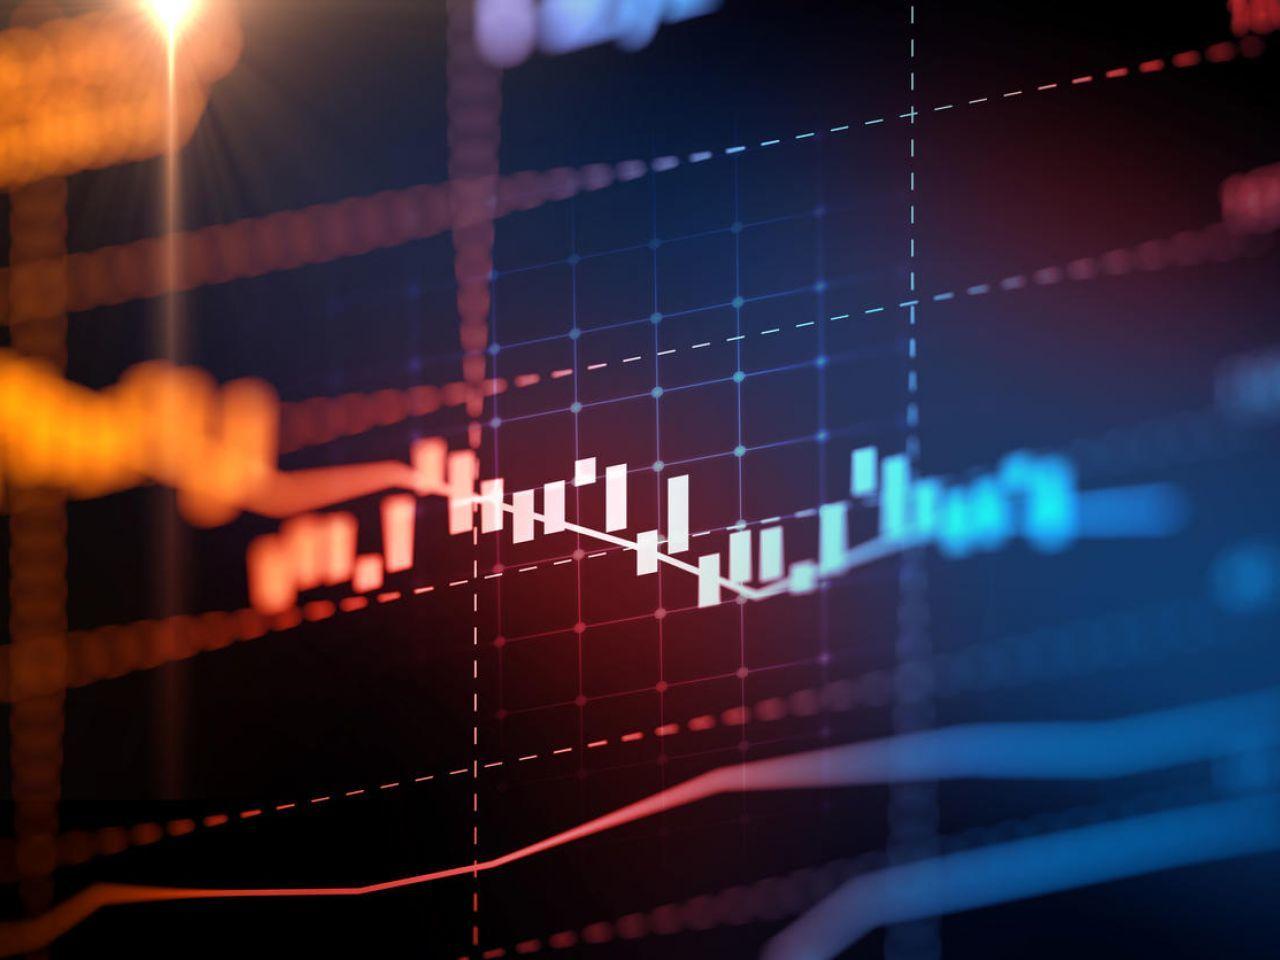 シスコ決算、売上高と利益が予想を上回る--ソフトとサービスが売上高の半分以上に - ZDNet Japan